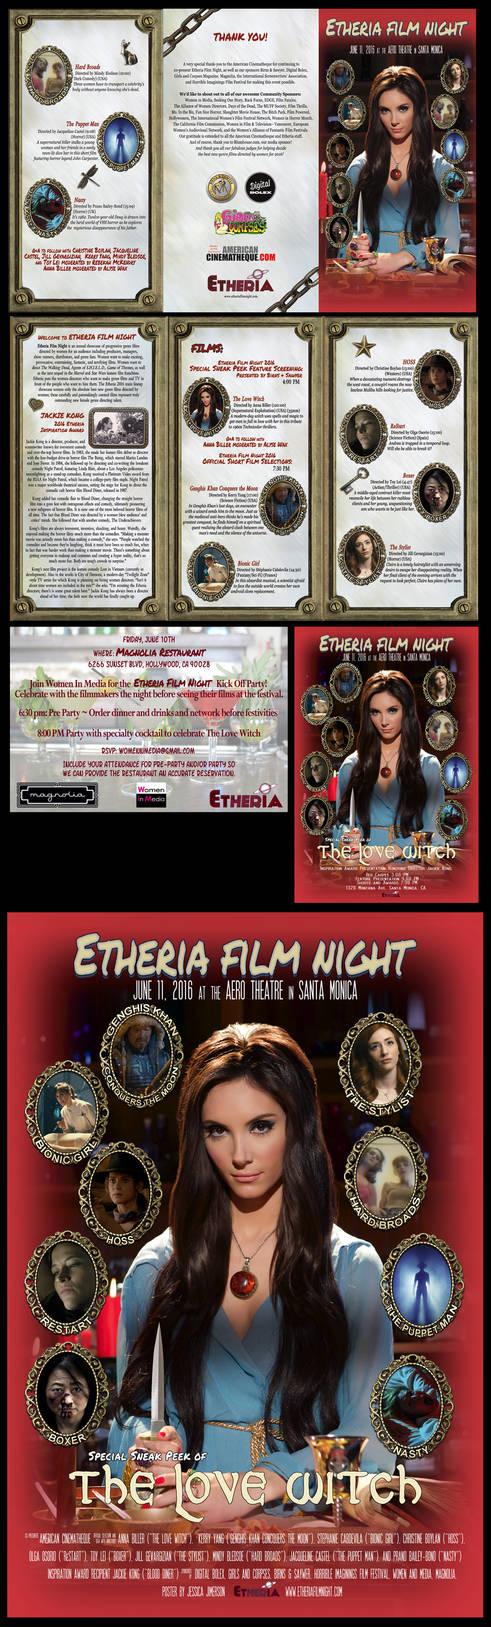 Etheria Film Night program/poster/flyer/etc 2016 by JessHavok